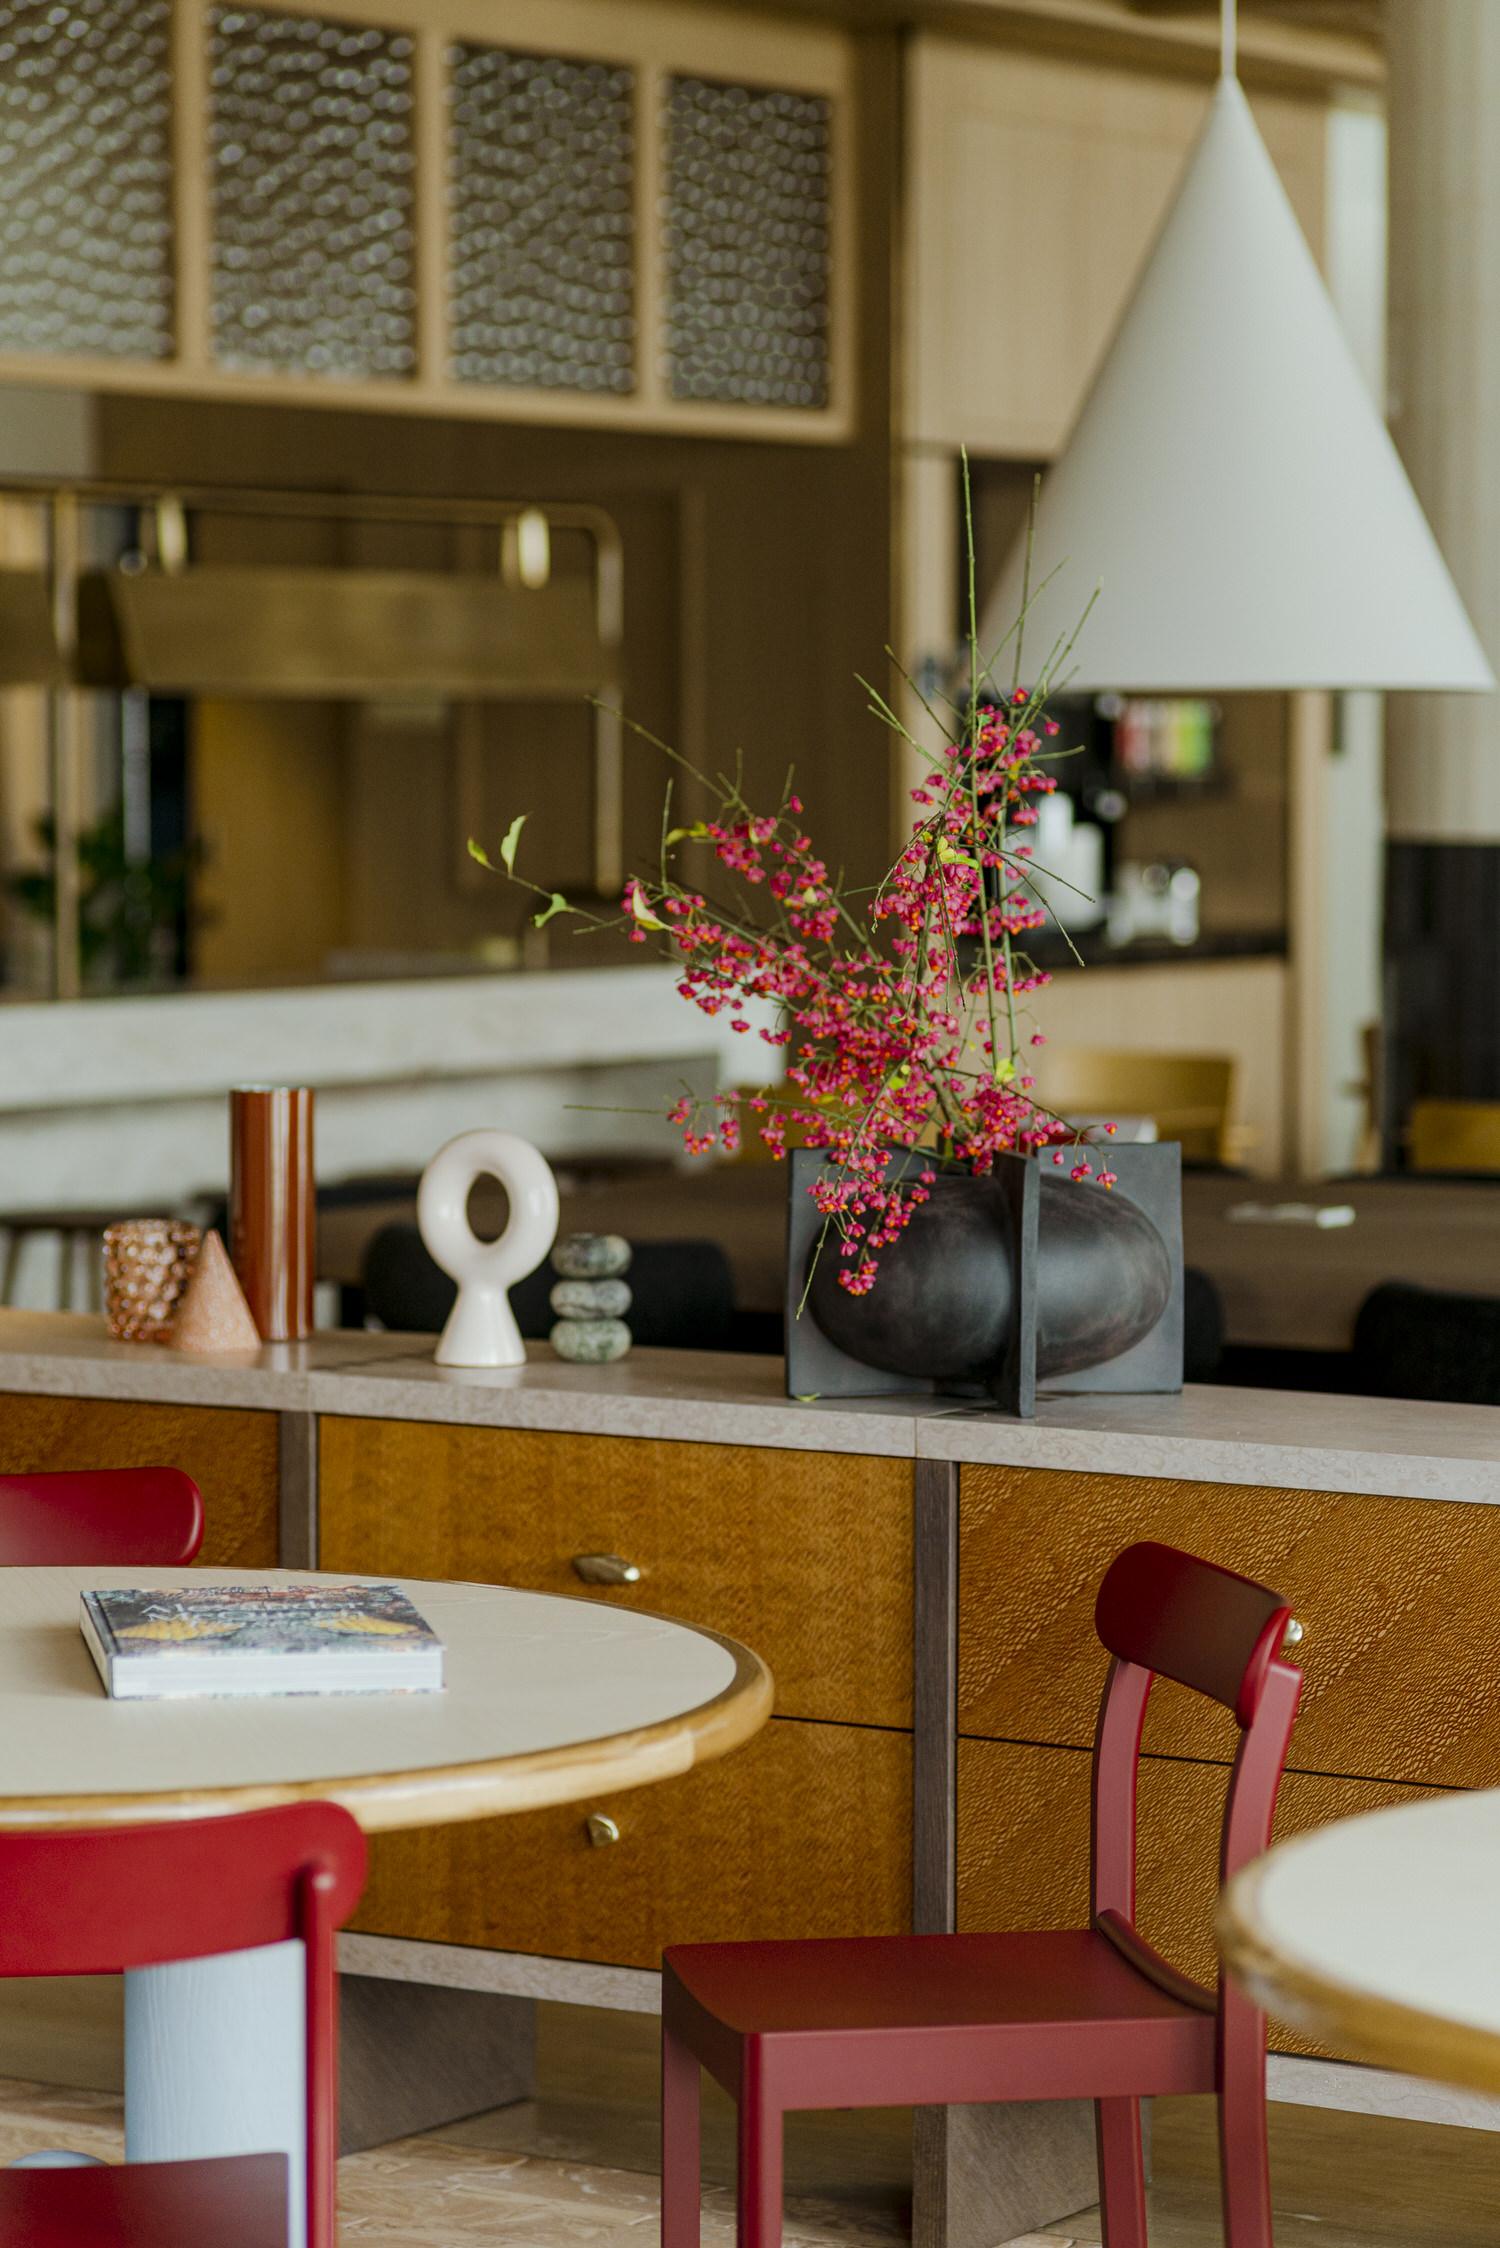 Paradowski Studio Puro Hotel Krakow Photo Pion Studio Yellowtrace 24